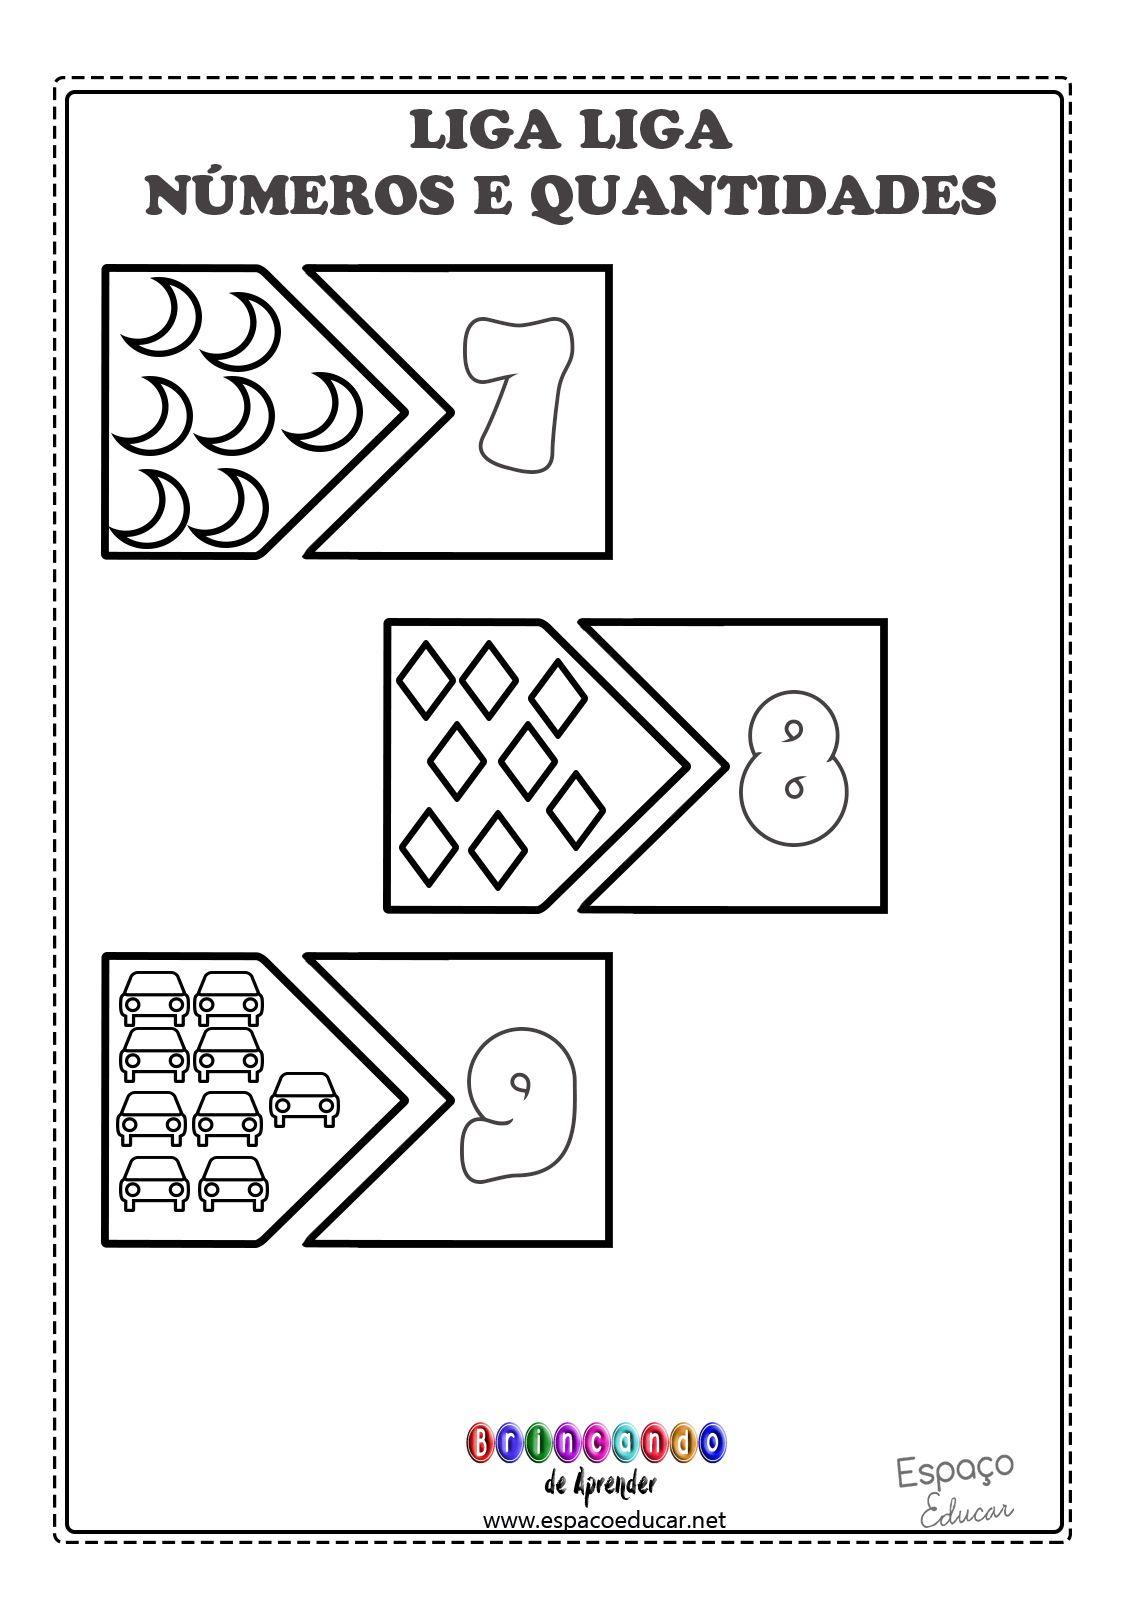 Jogo Educativo De Encaixe Aprendendo Os Numerais De 1 A 9 Jogos